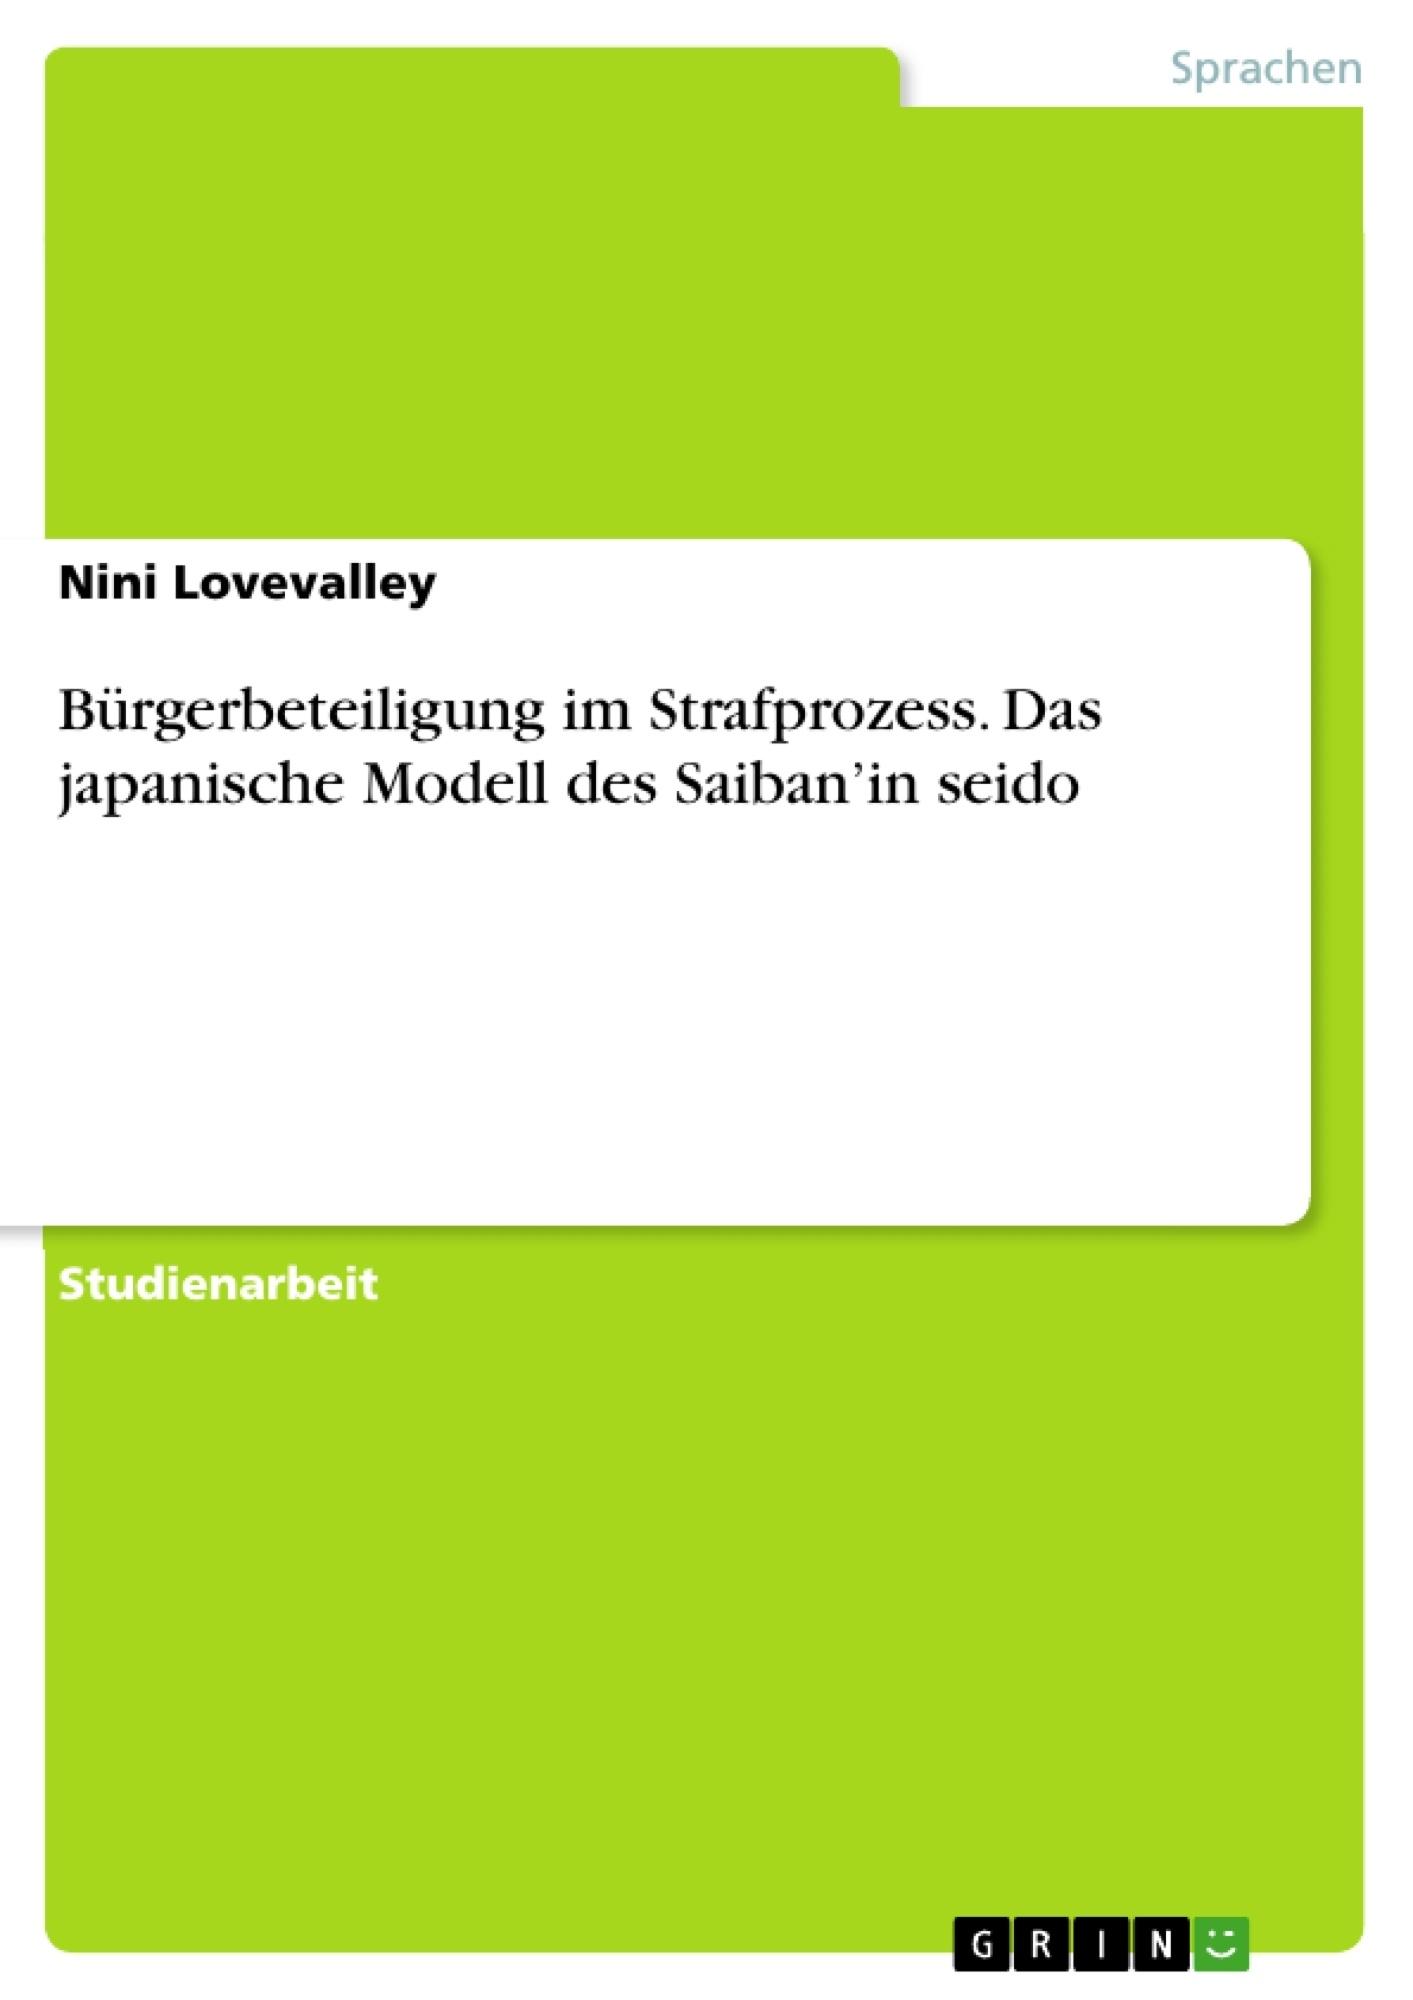 Titel: Bürgerbeteiligung im Strafprozess. Das japanische Modell des Saiban'in seido